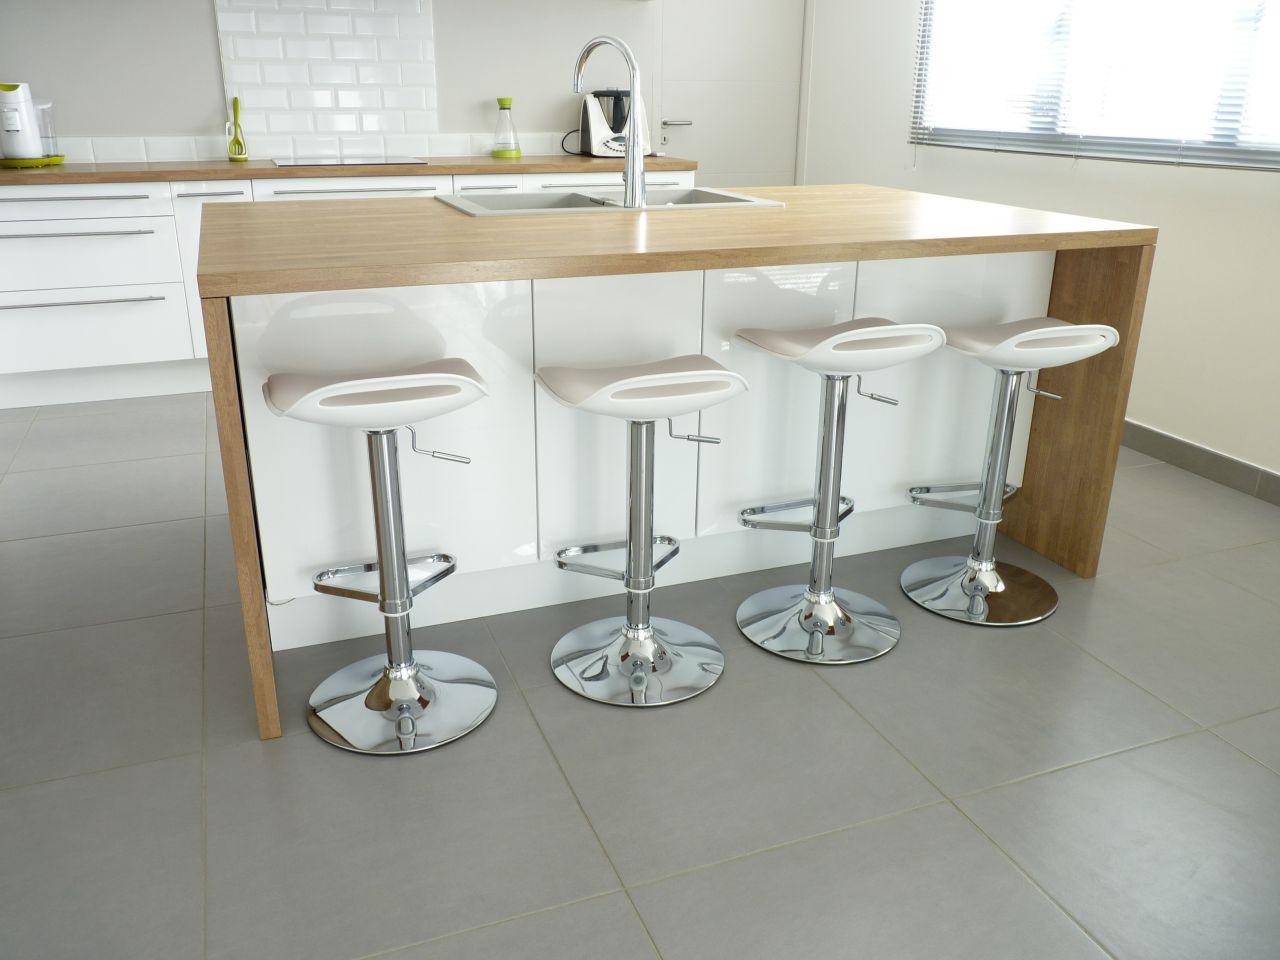 peinture pour cuisine blanche et bois. Black Bedroom Furniture Sets. Home Design Ideas